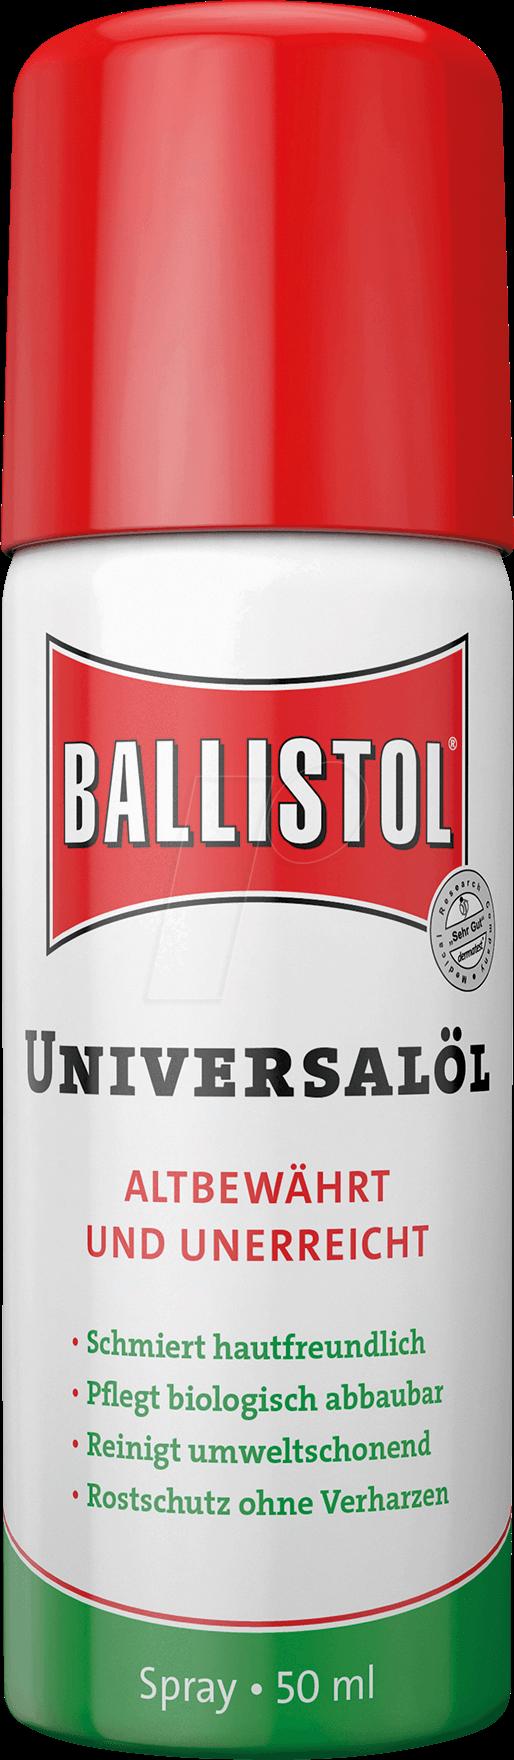 BALL 21450 - Universalöl, 50 ml, Spray